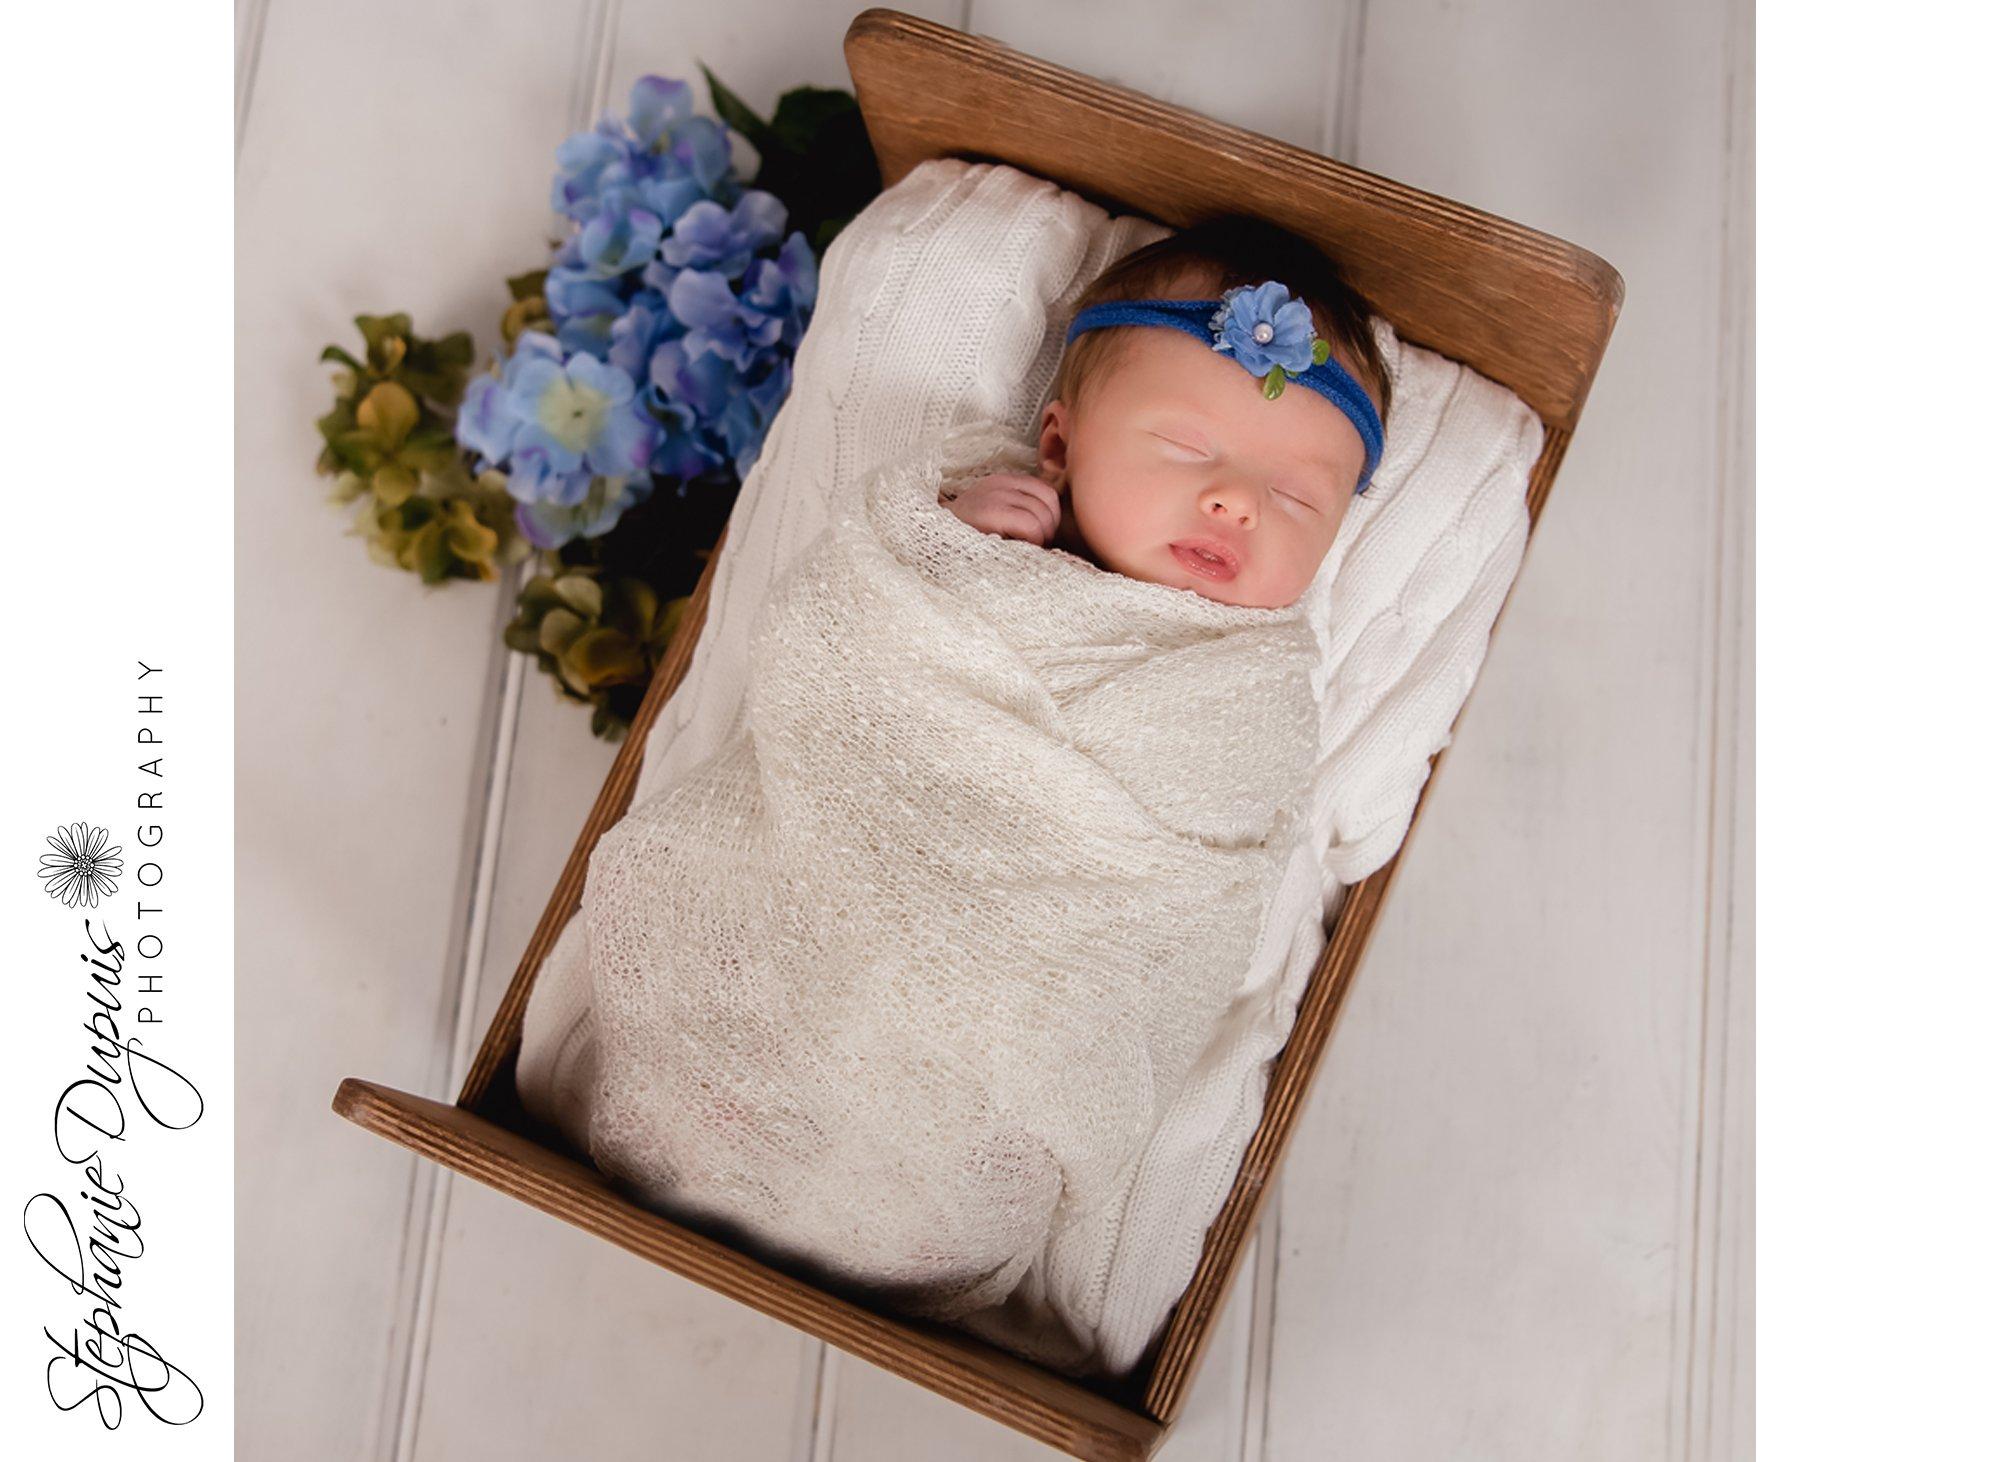 Abbott 6 - Portfolio: Khloe Newborn Session